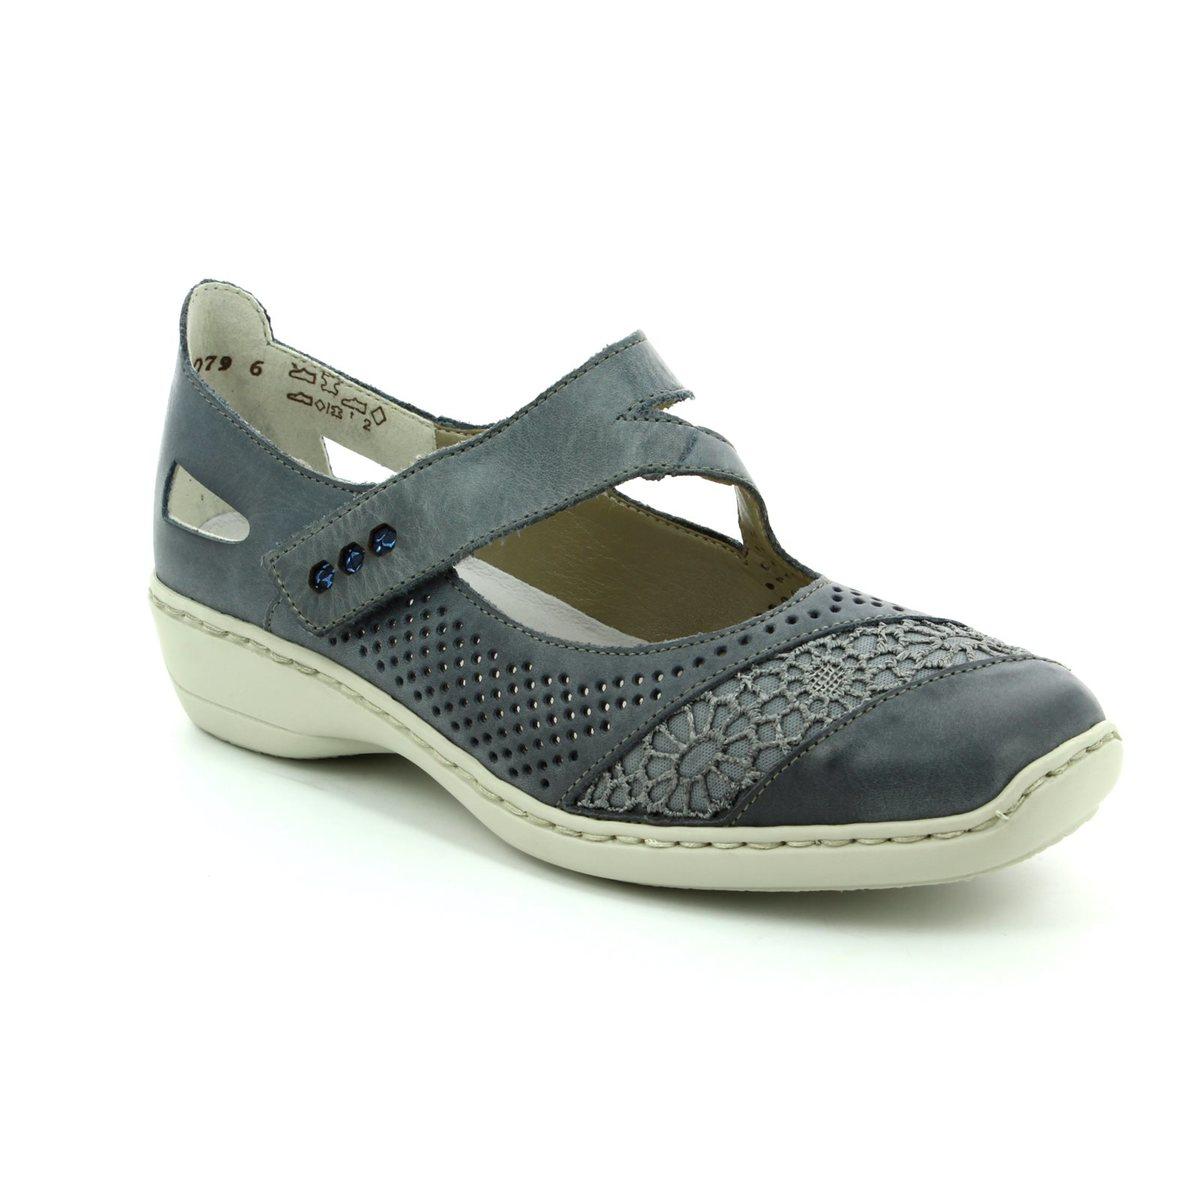 35f0a4cd66b3 Rieker Comfort Shoes - Denim blue - 41346-12 DORISMAC